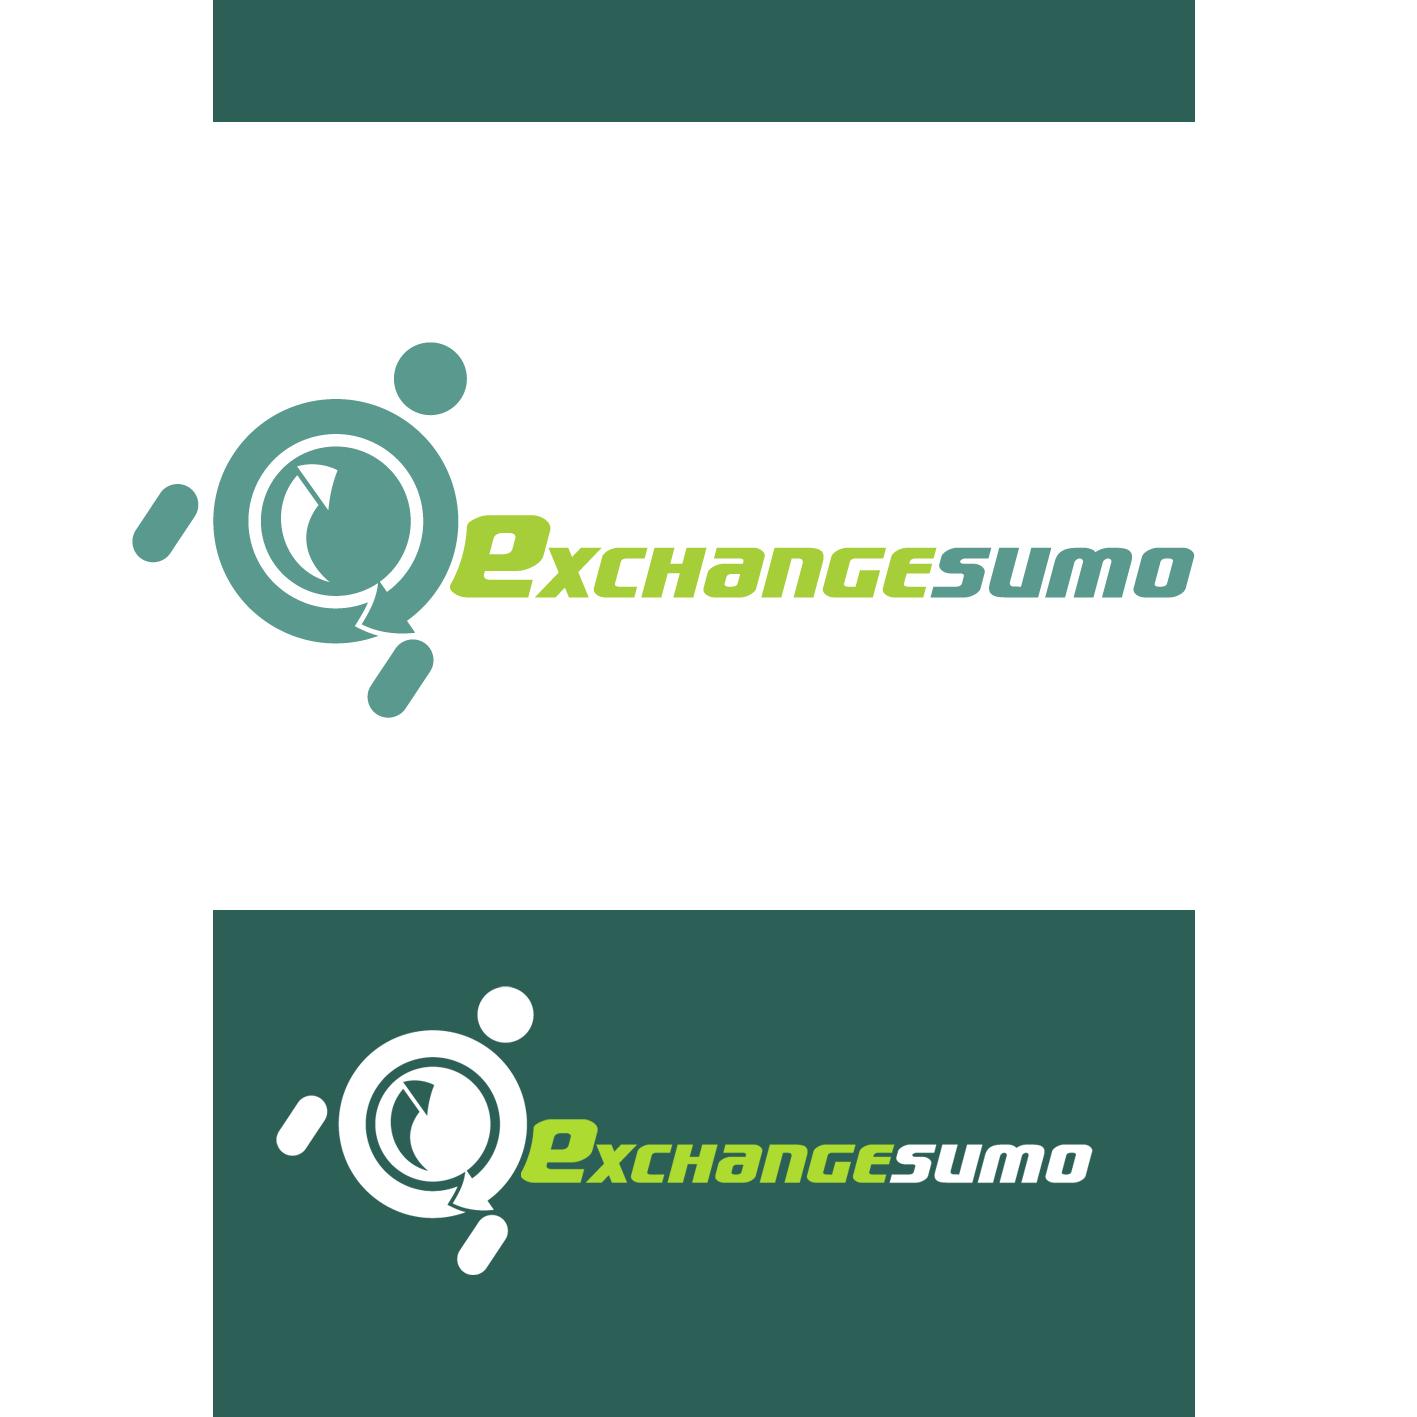 Логотип для мониторинга обменников фото f_0685bafd46780c1a.png